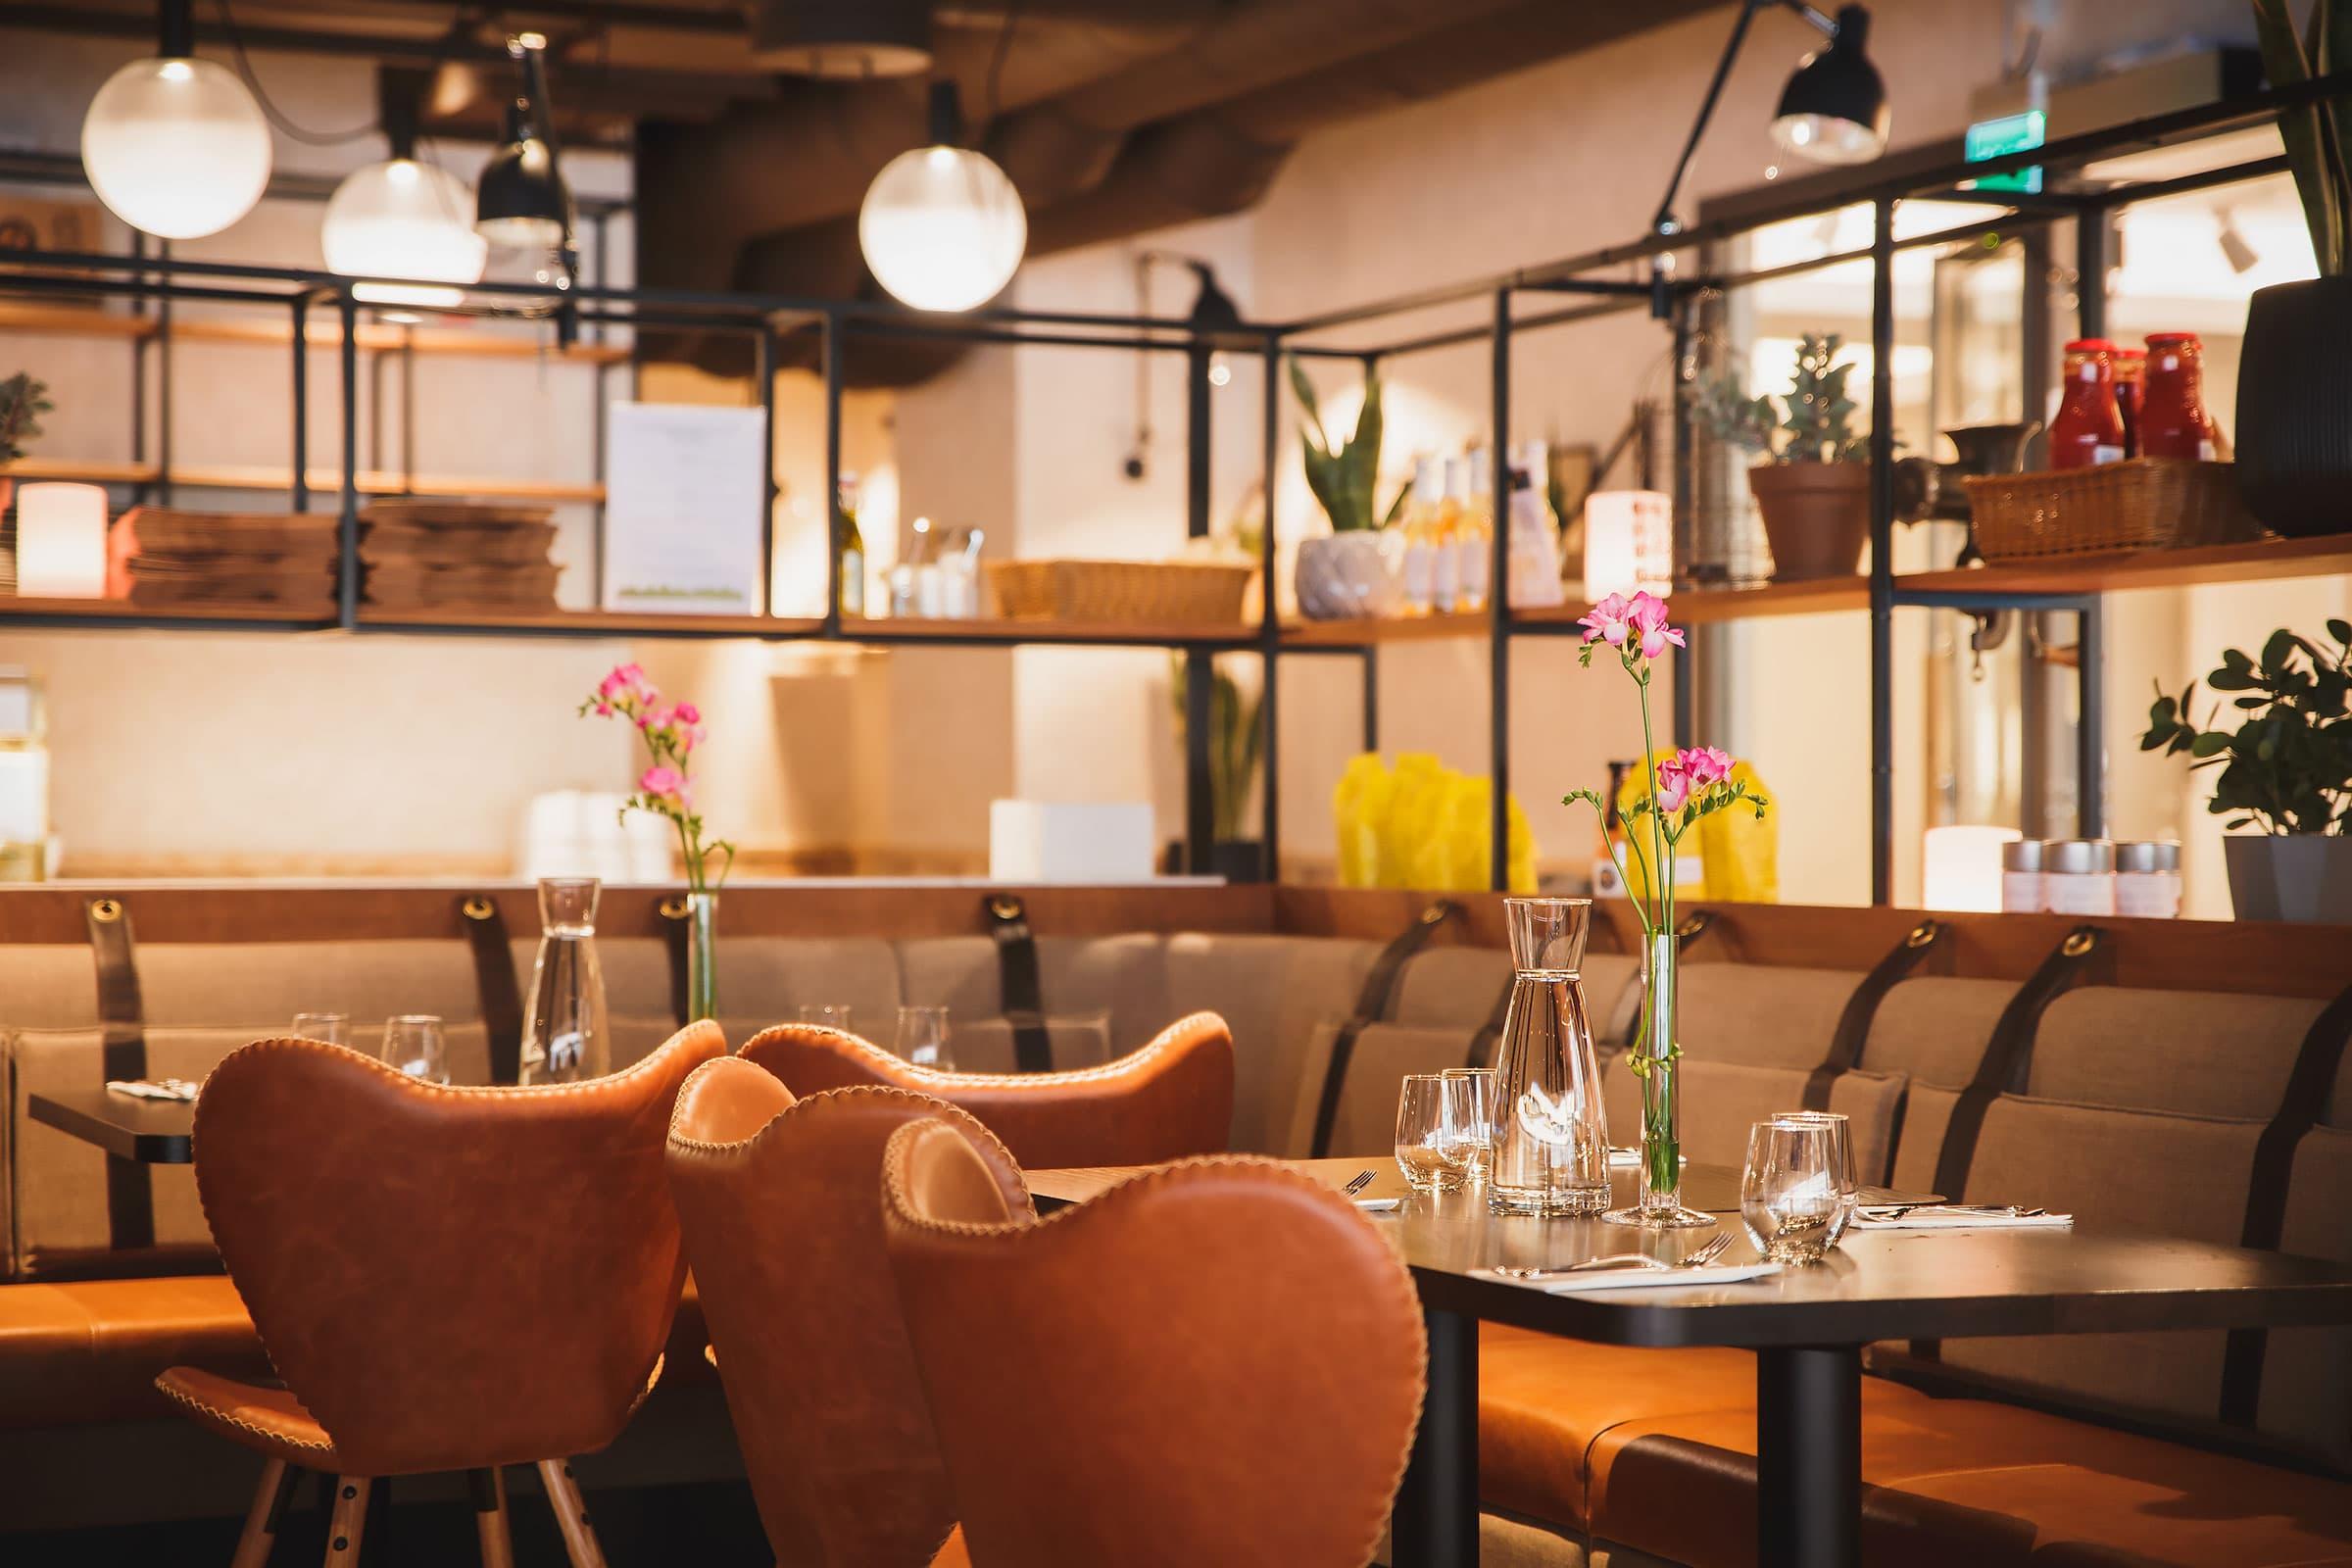 cafe lokal stockholm